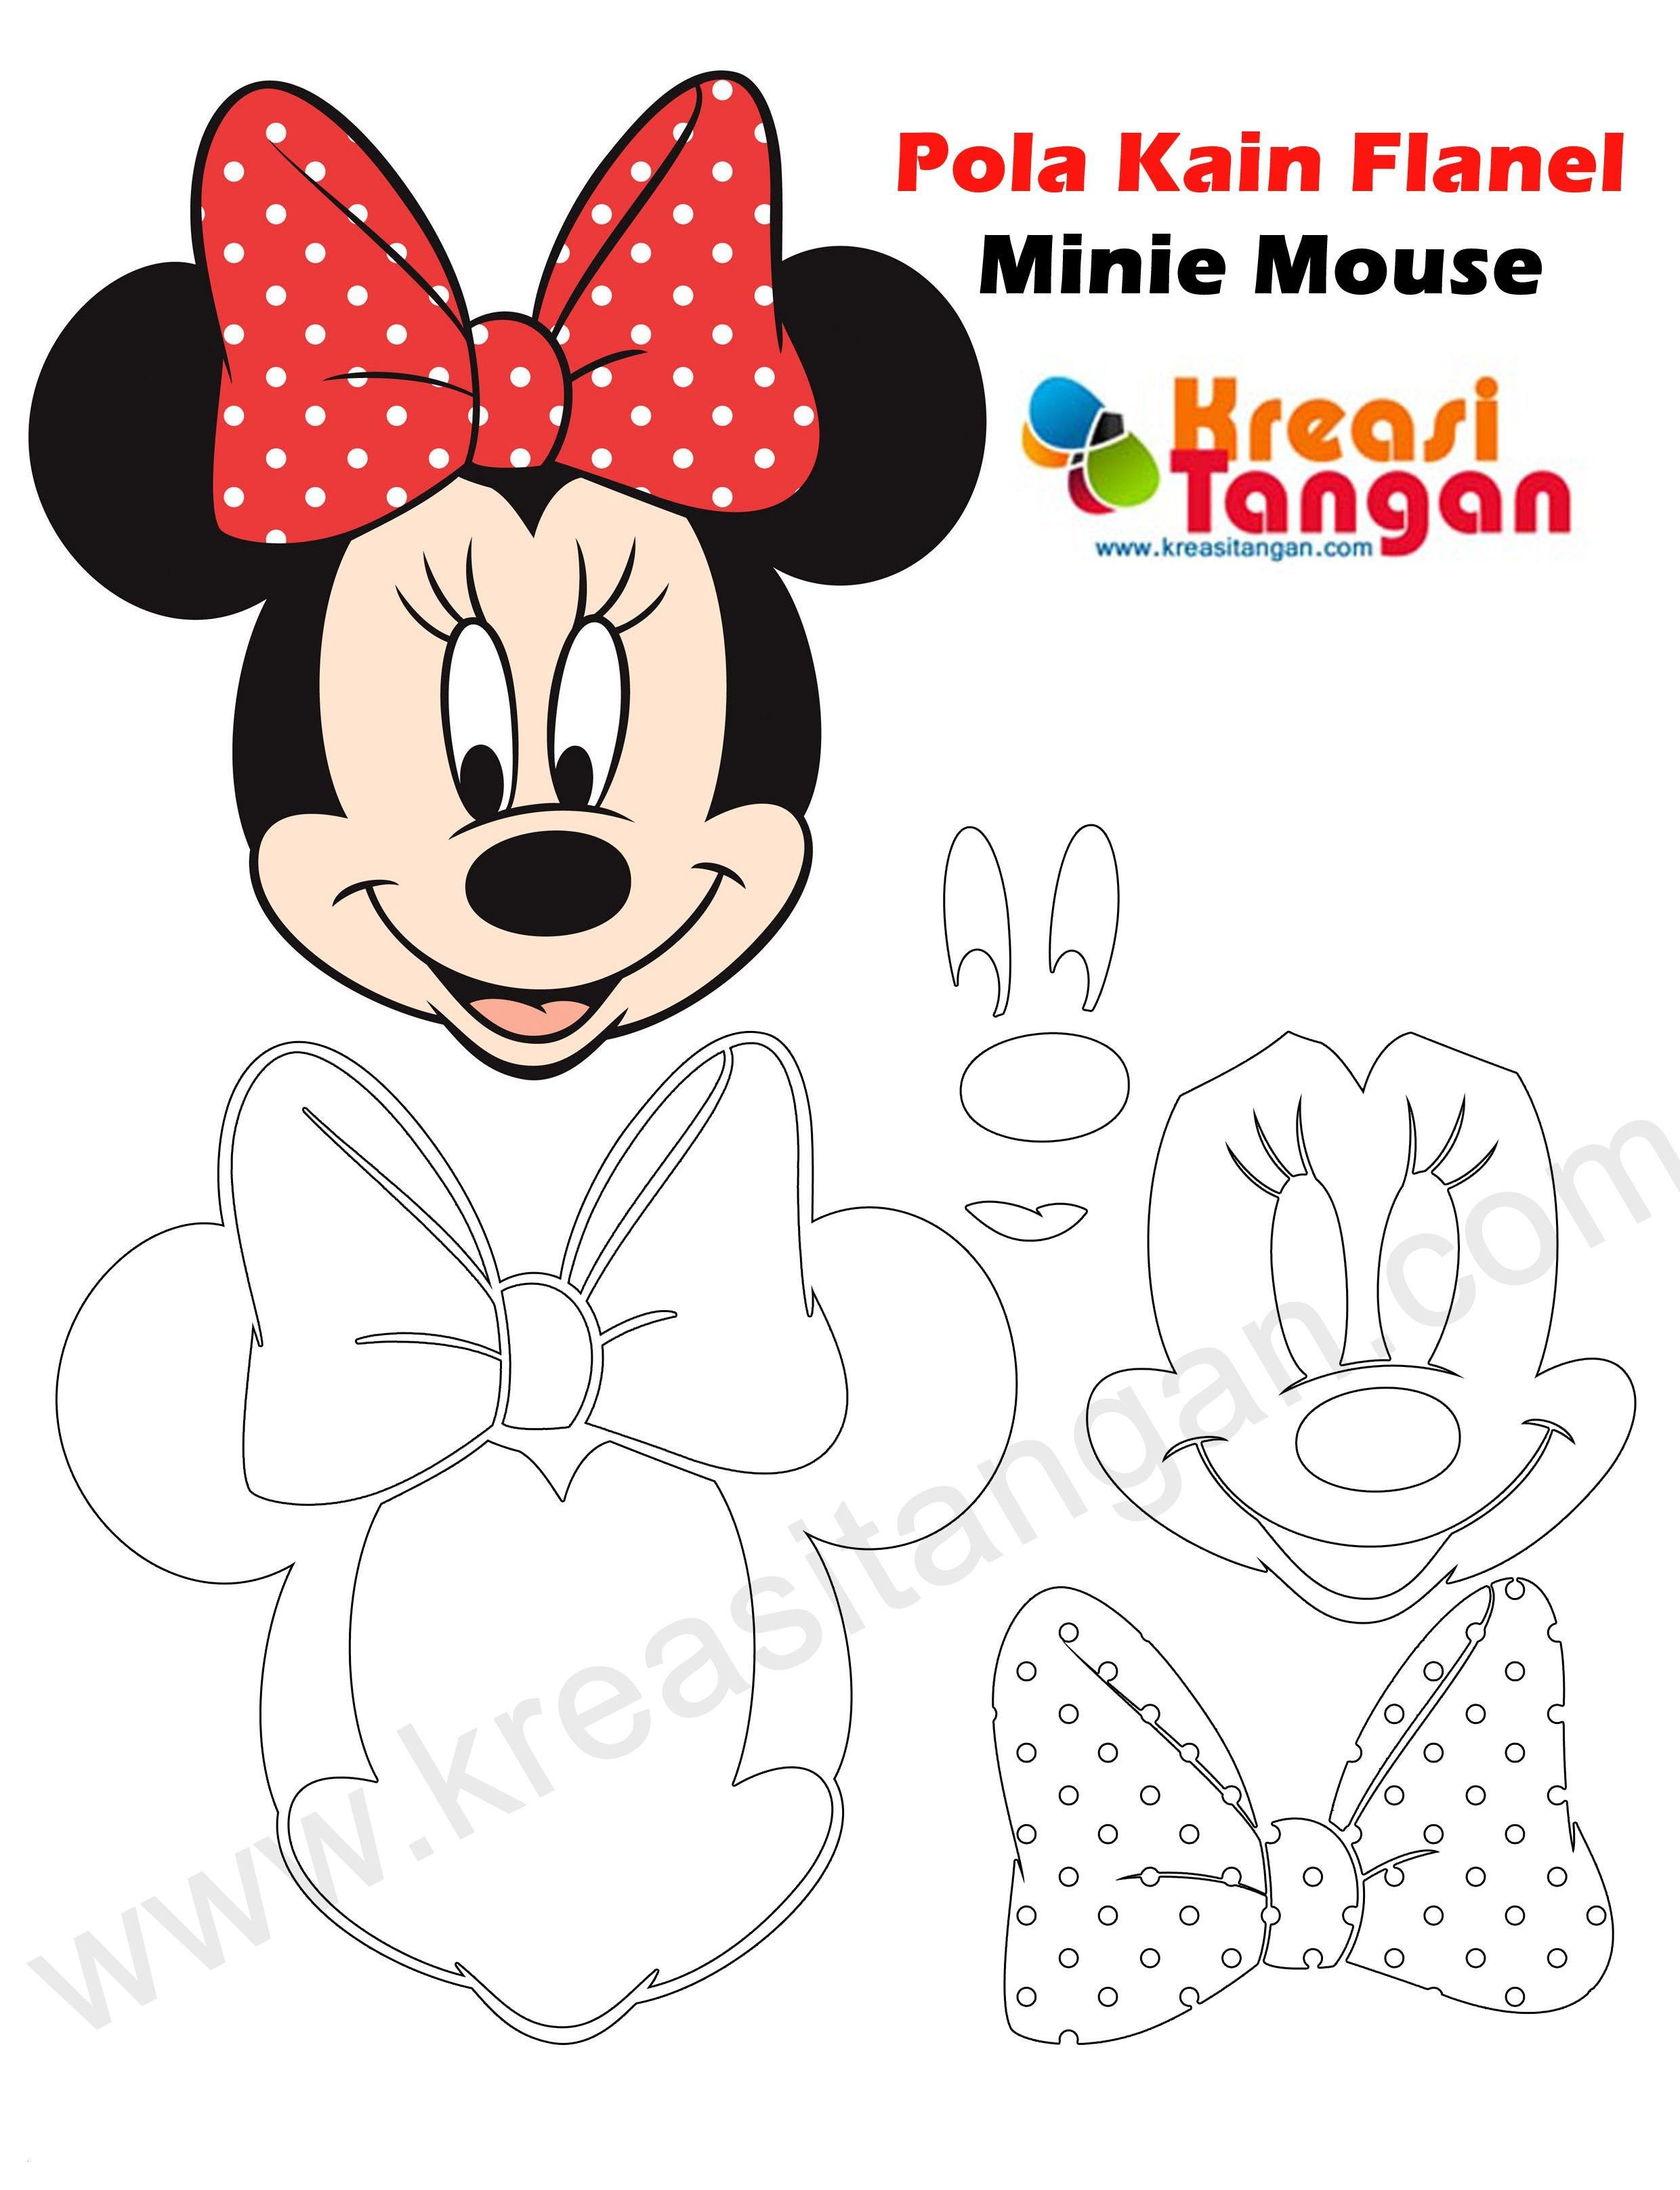 Micky Maus Baby Ausmalbilder Frisch Micky Maus Ausmalbilder Weihnachten Unique Disney Ausmalbilder Galerie